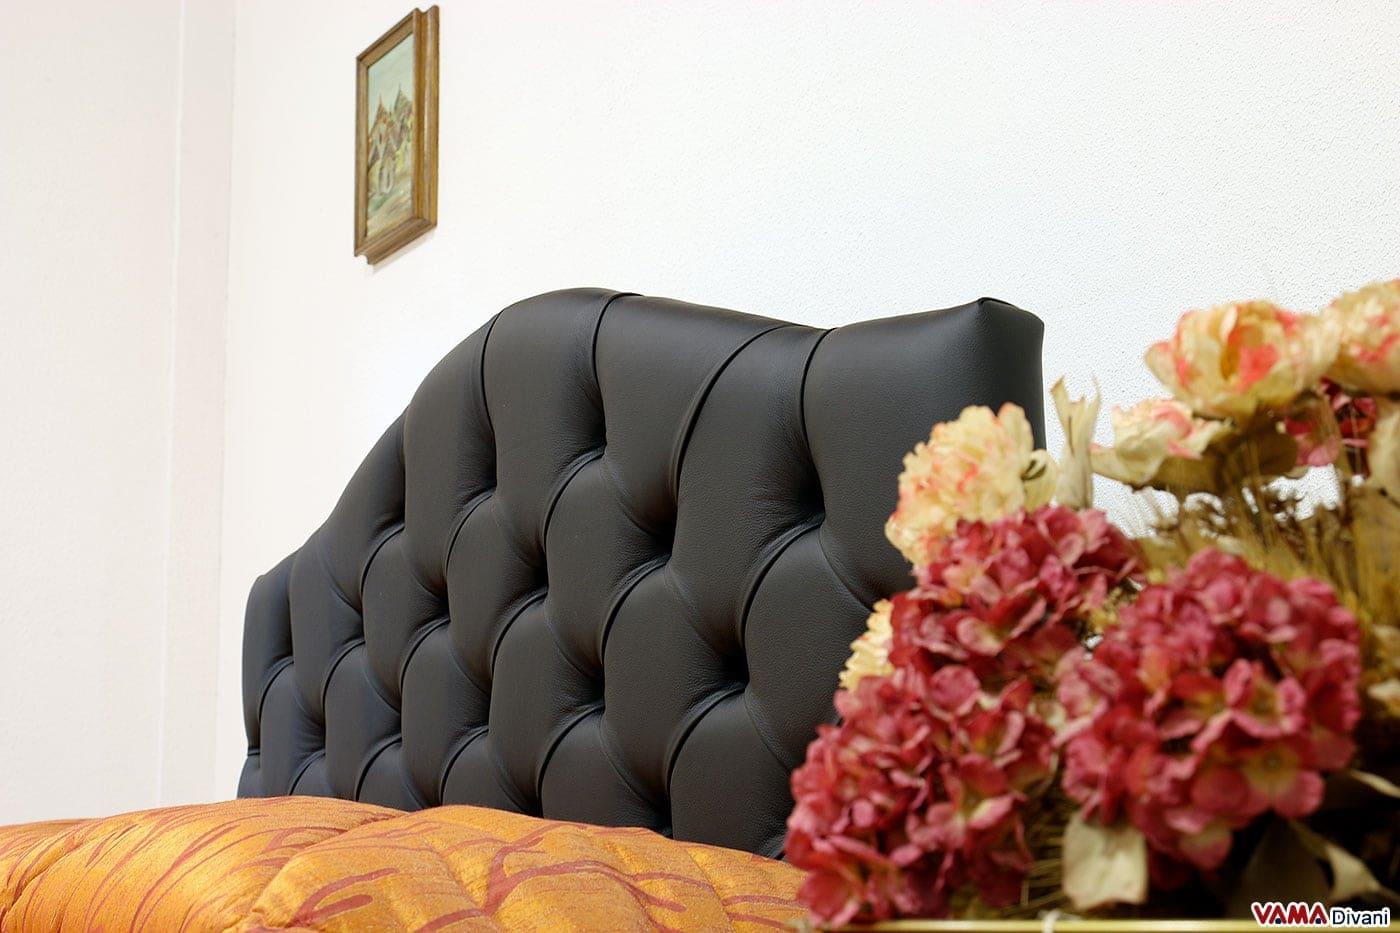 Testiera letto capitonnè in pelle nera in stile classico